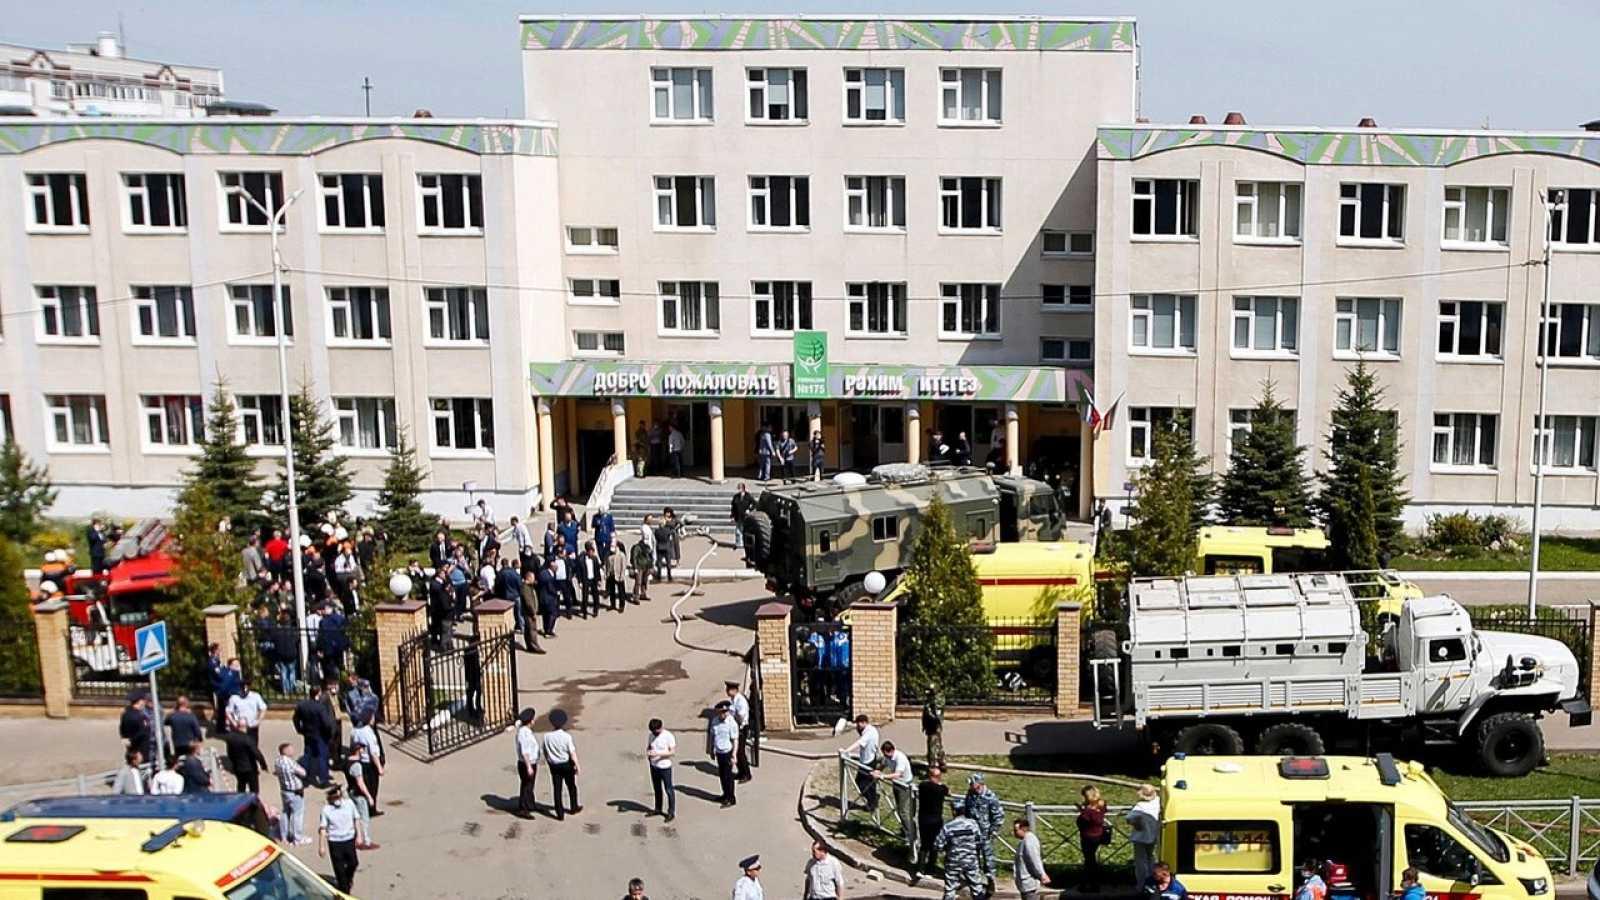 Mueren al menos once personas, entre ellas nueve menores, en un tiroteo en una escuela en la ciudad rusa de Kazán